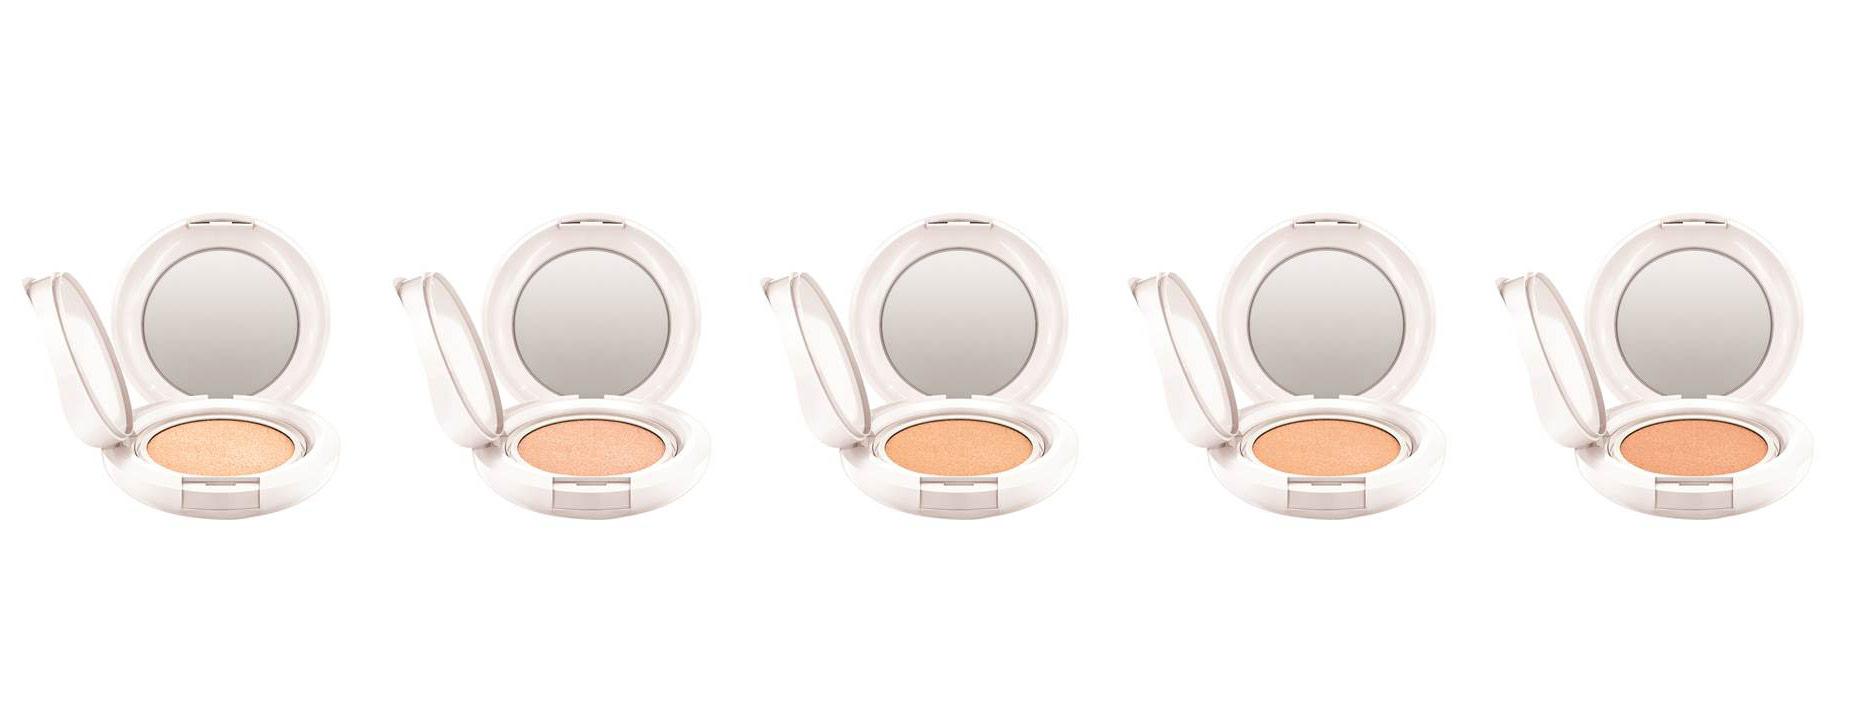 'LIGHT C Cushion'總共推出5中顏色,肯定有一款適合你的膚色,最好還是去賣場直接試用后在購買吧♥~